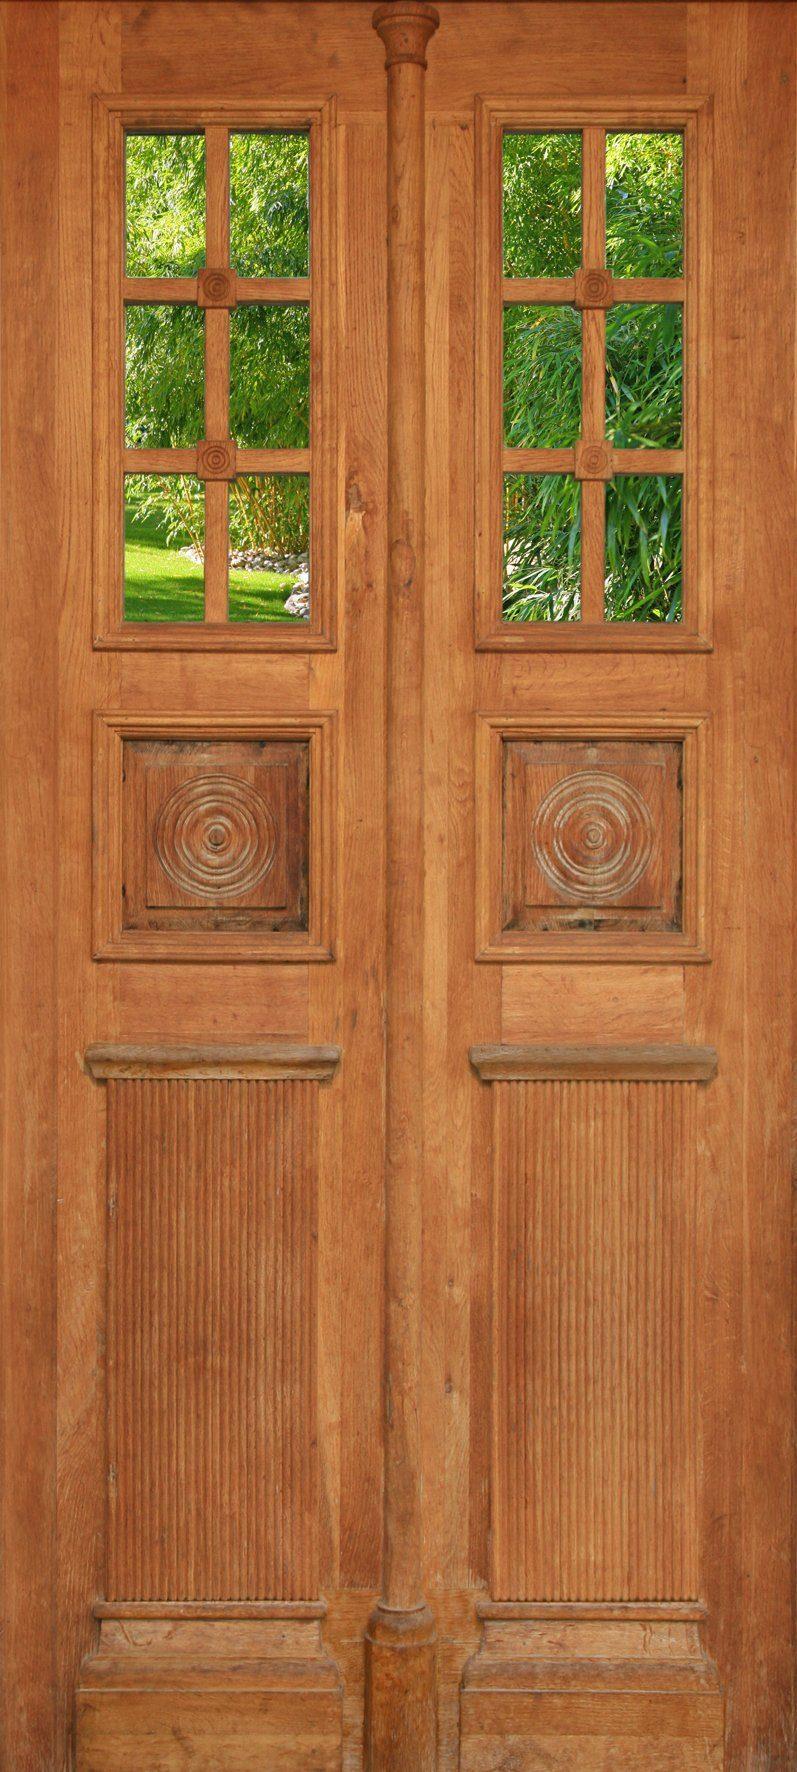 PAPERMOON Fototapete »Door - Türtapete«, Vlies, 2 Bahnen, 90 x 200 cm